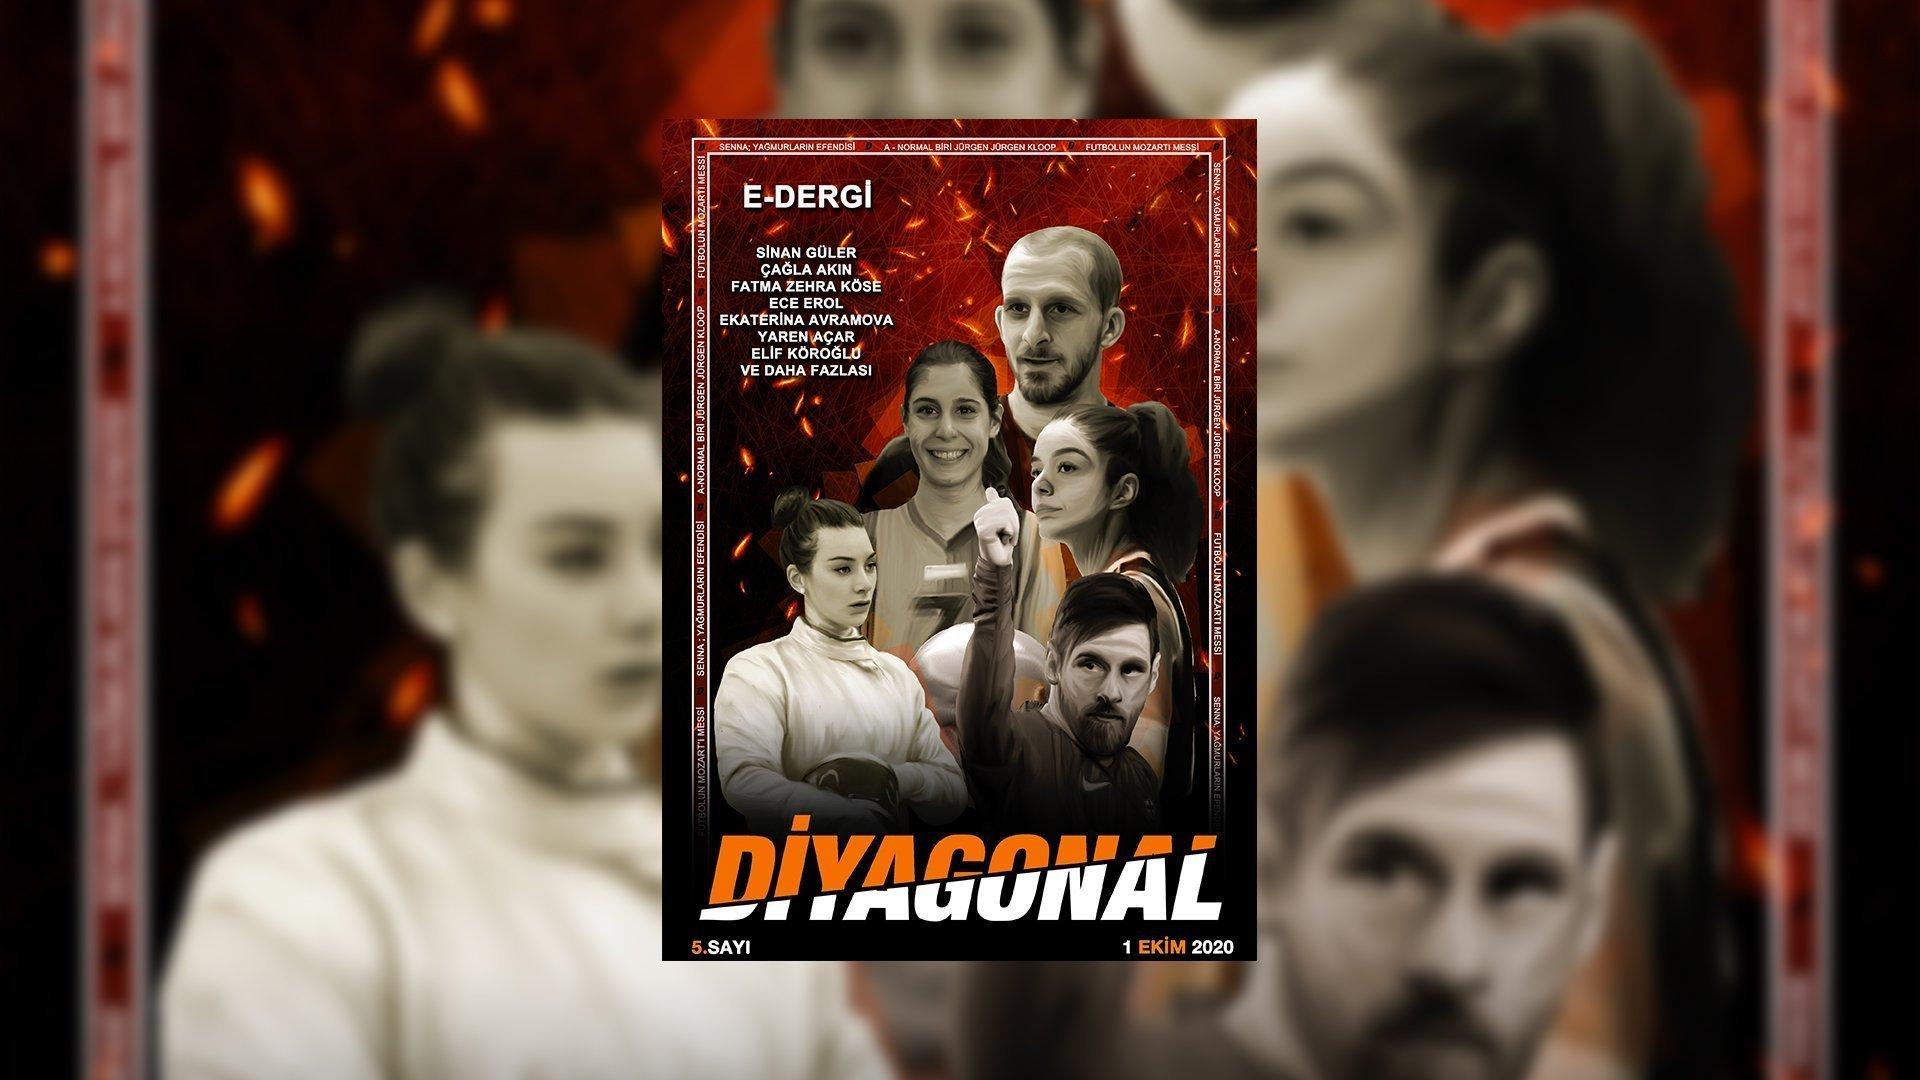 Diyagonal Dergi 5.Sayı - Ücretsiz Spor Dergisi Oku